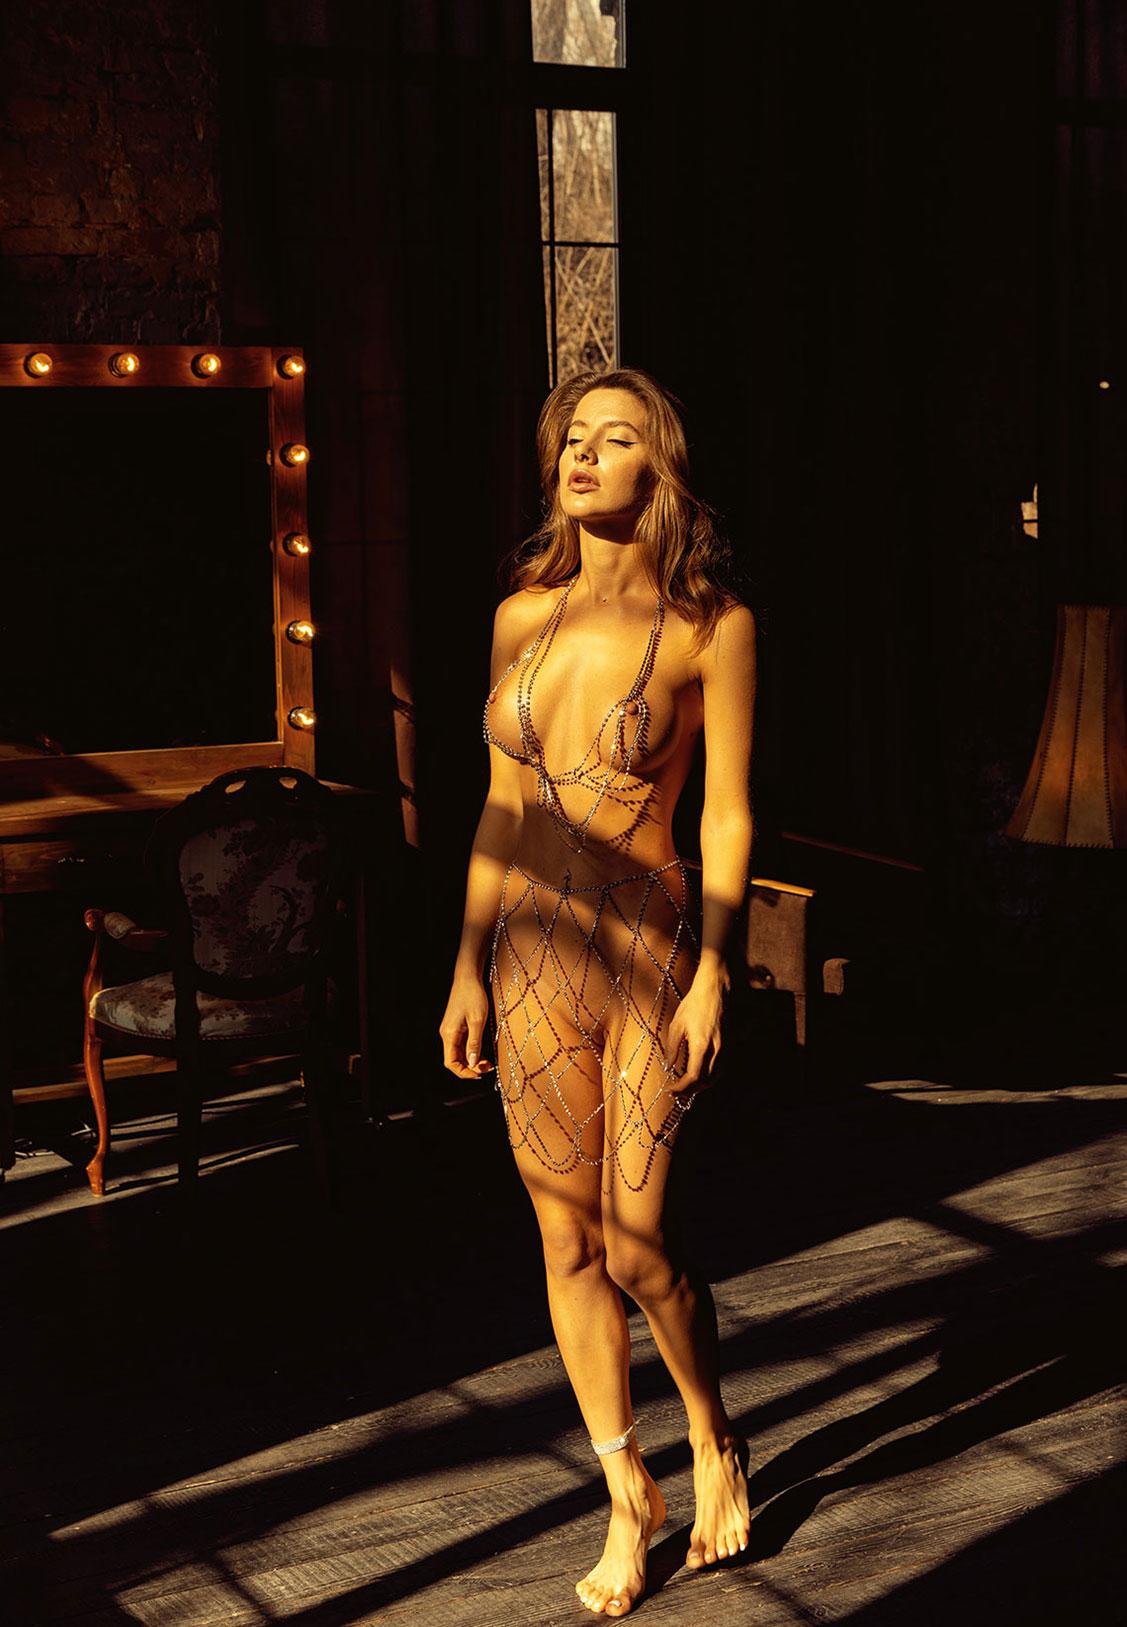 Сексуальная голая девушка в драгоценных цепях / фото 02